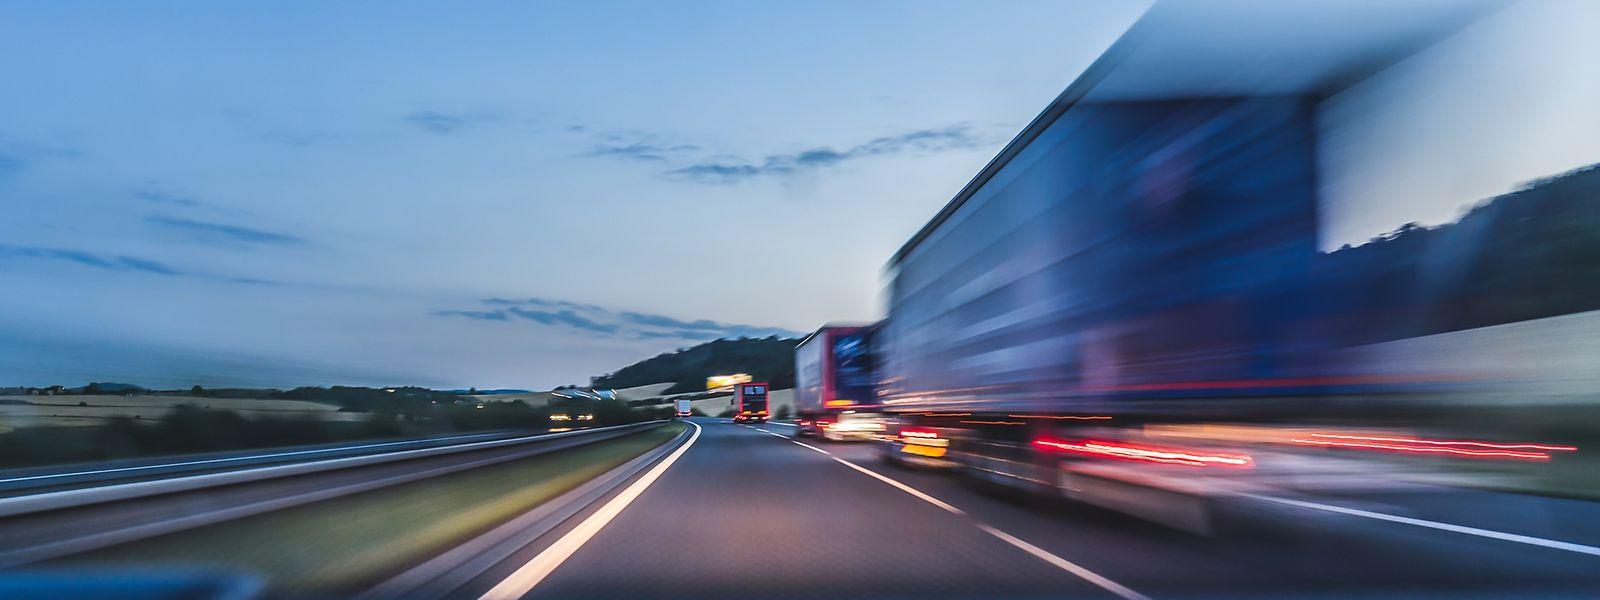 Des sociétés qui totalisent 55.000 camions ont déjà rejoint l'unique plainte retenue devant une juridiction en Europe, celle de CDC